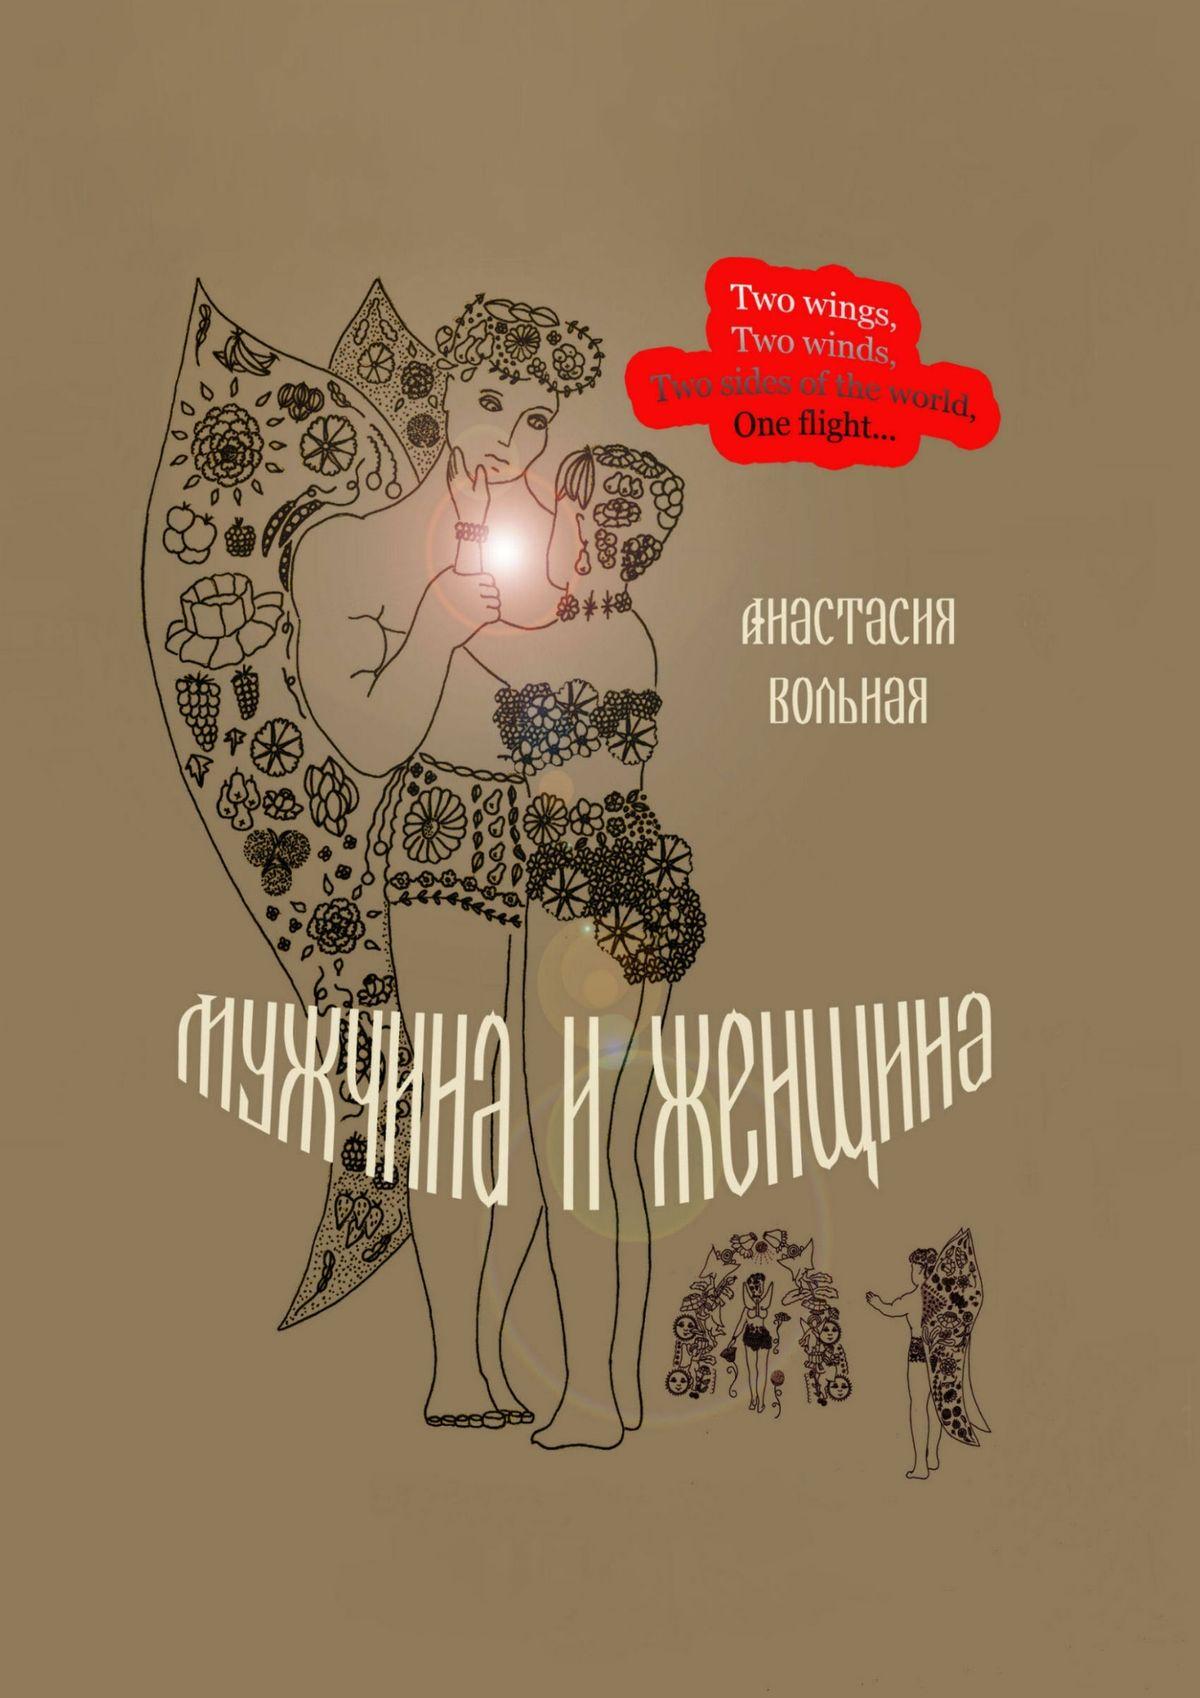 Анастасия Вольная Мужчина и женщина. Поэтический сборник анастасия вольная в поисках земного и небесного сборник